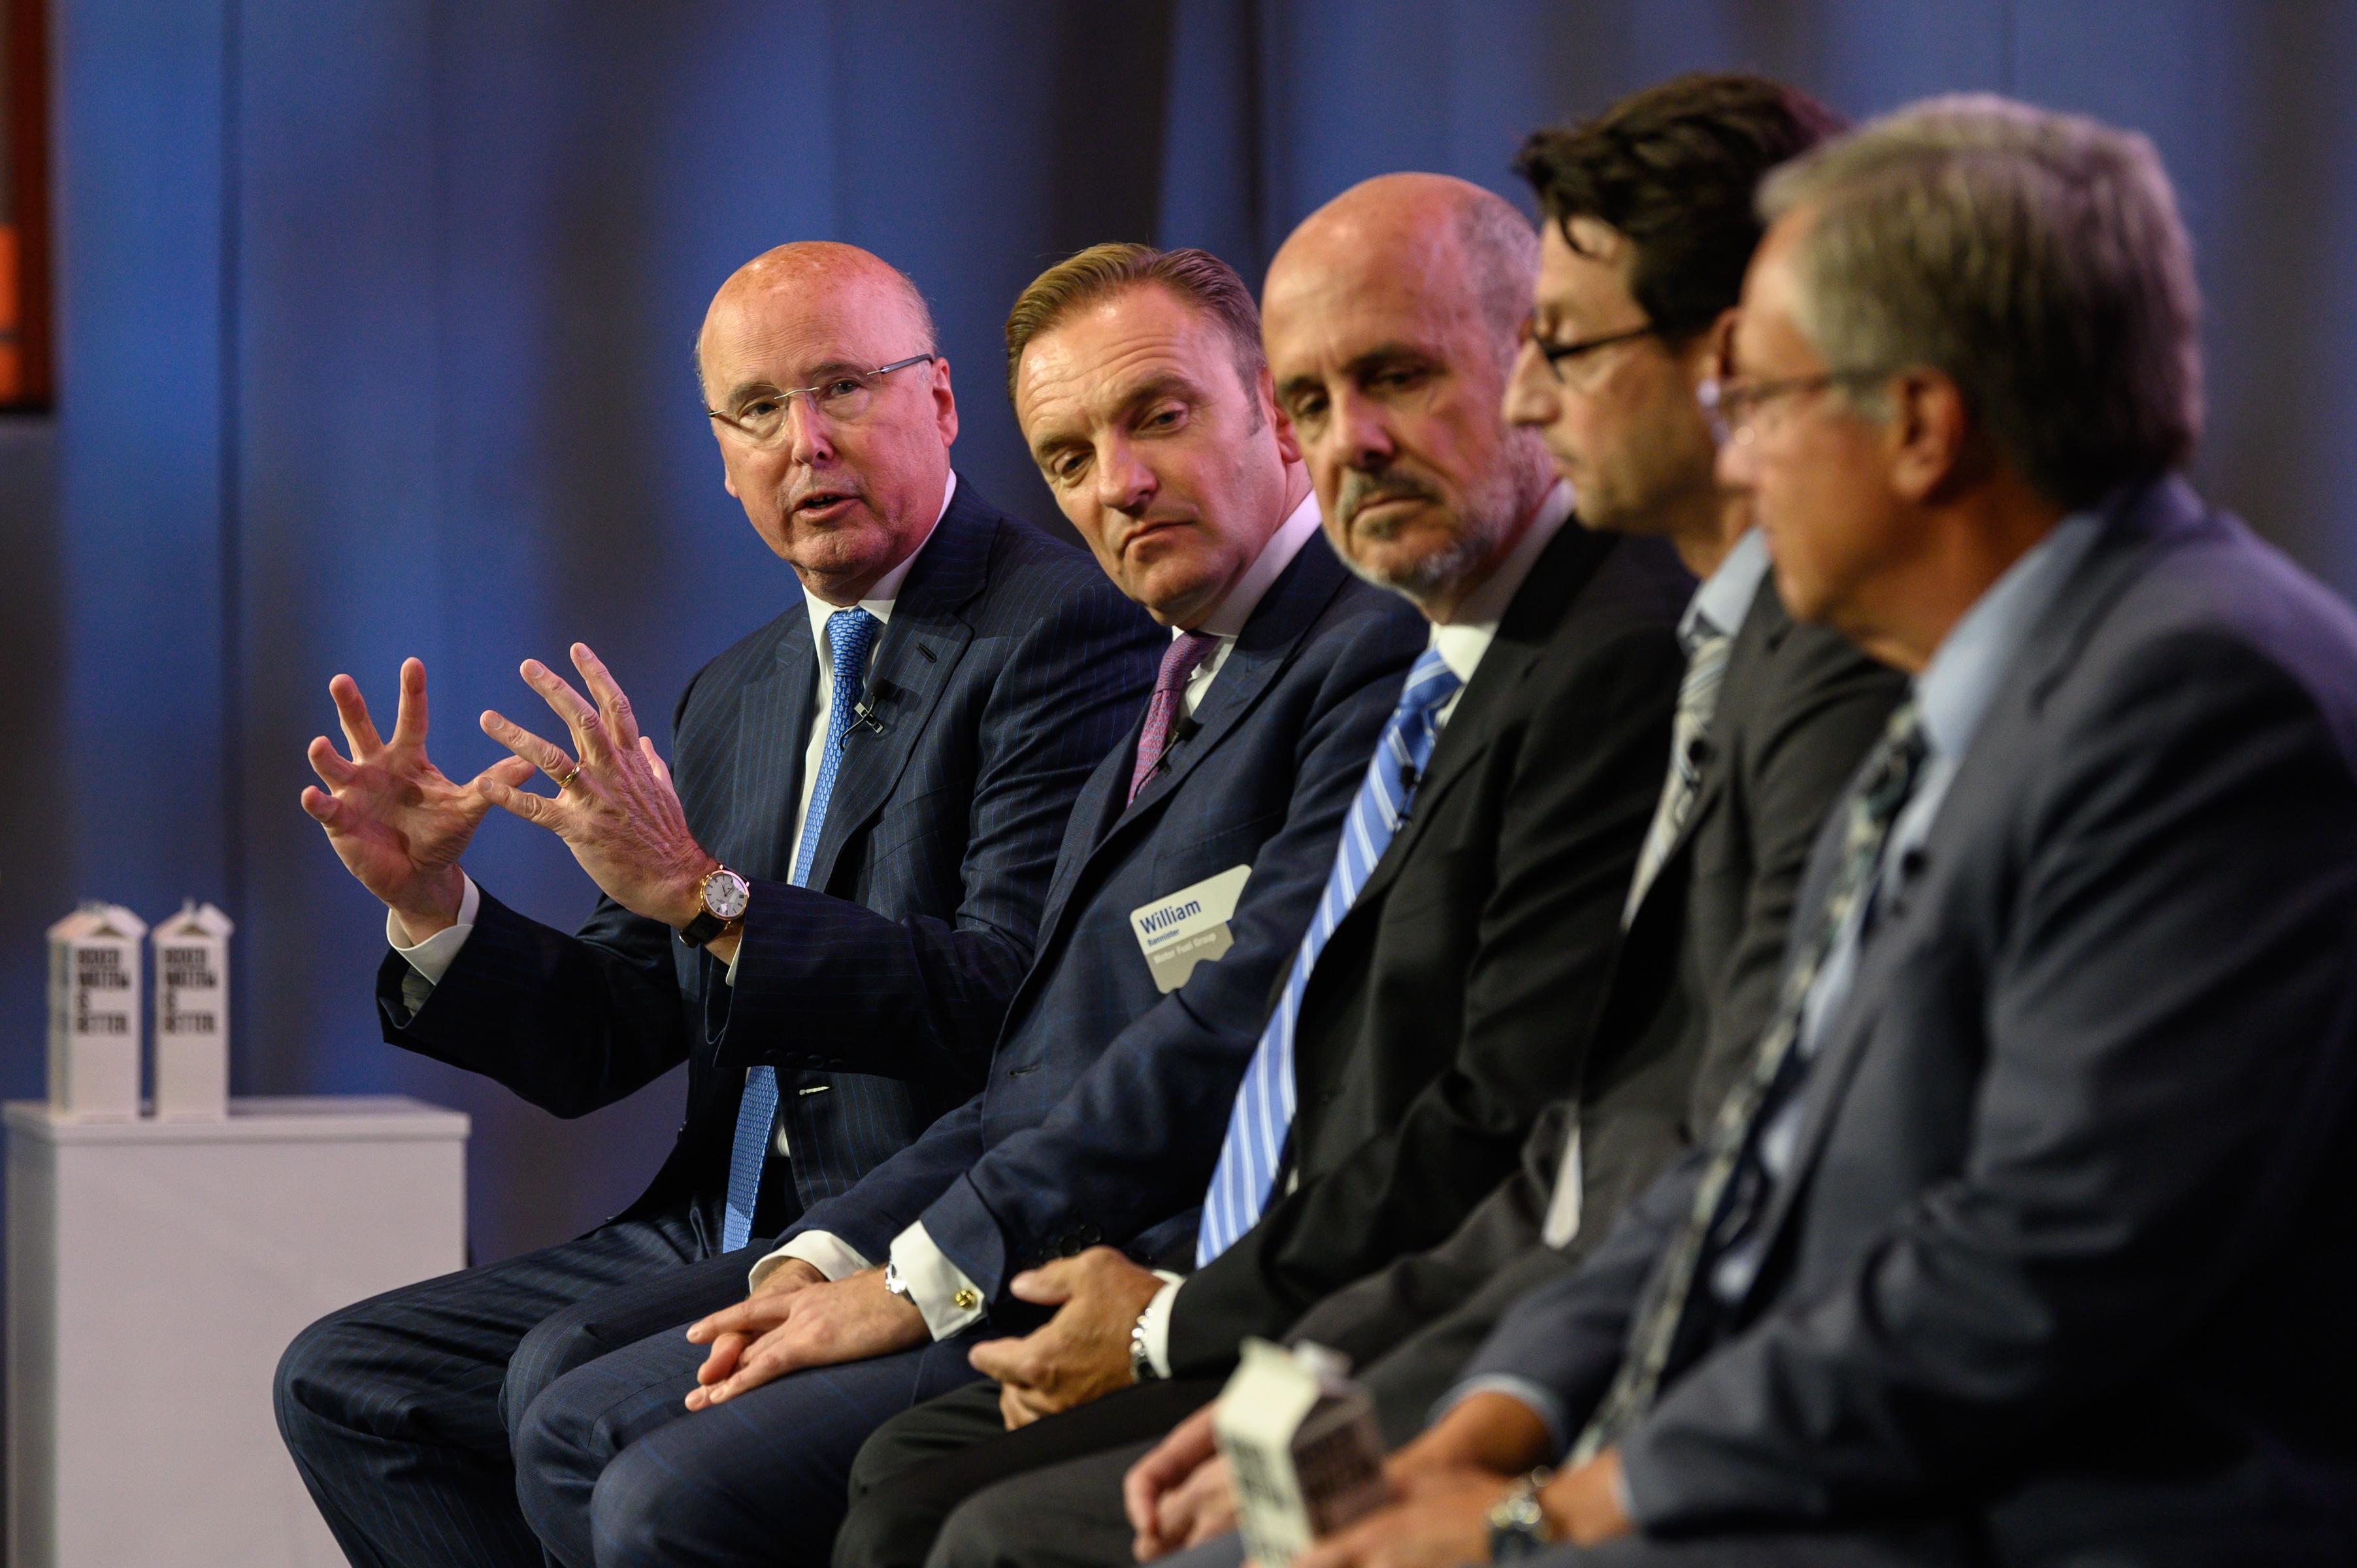 Knisely (speaking, far left)